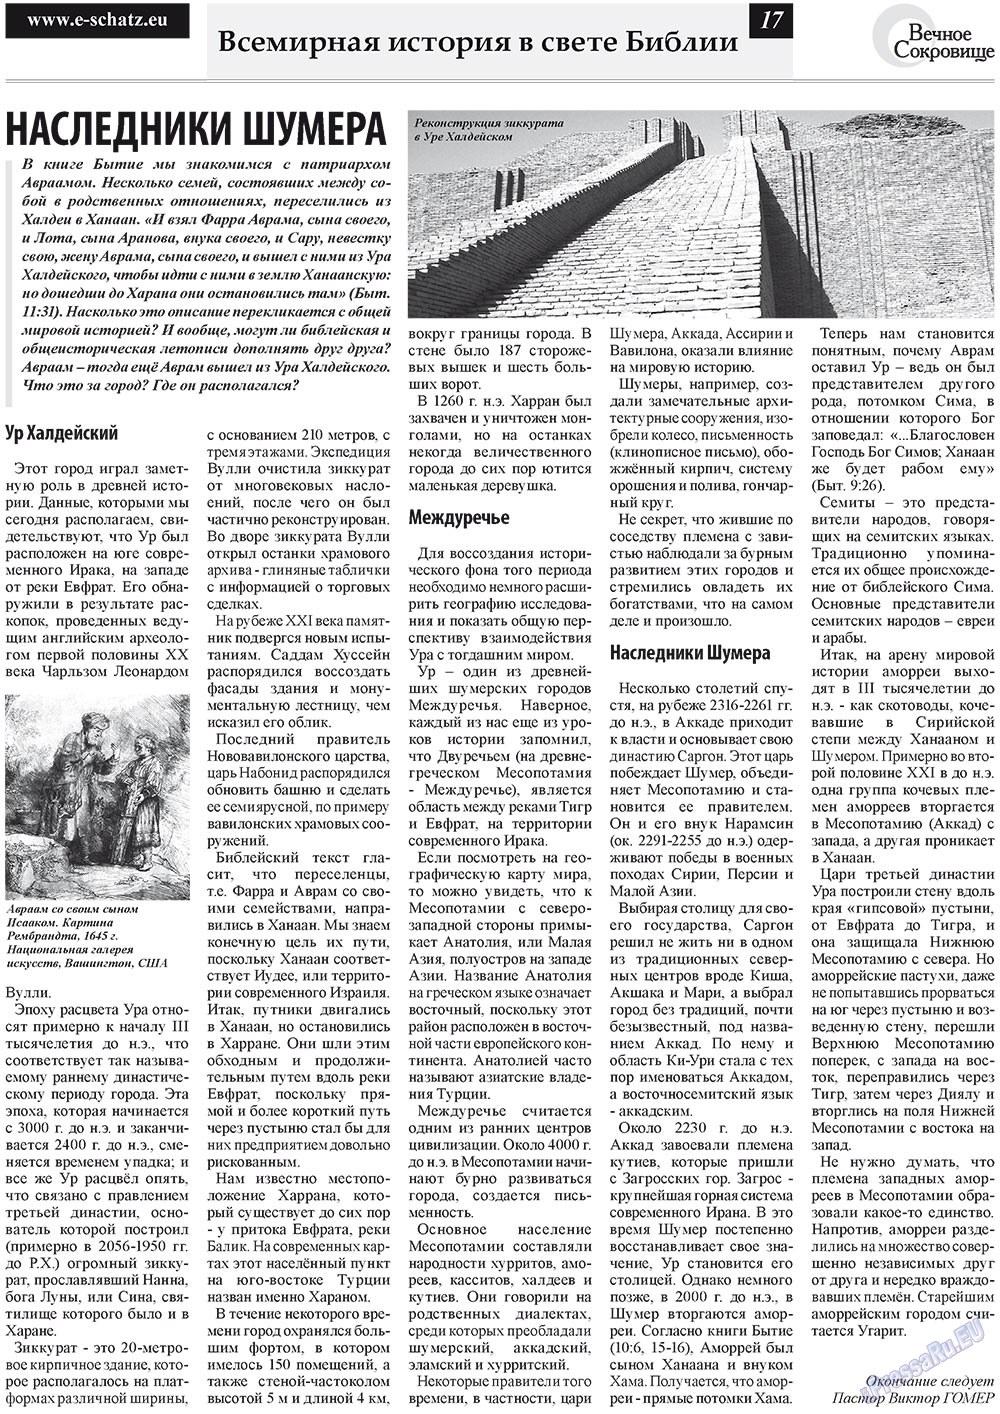 Вечное сокровище (газета). 2010 год, номер 4, стр. 17